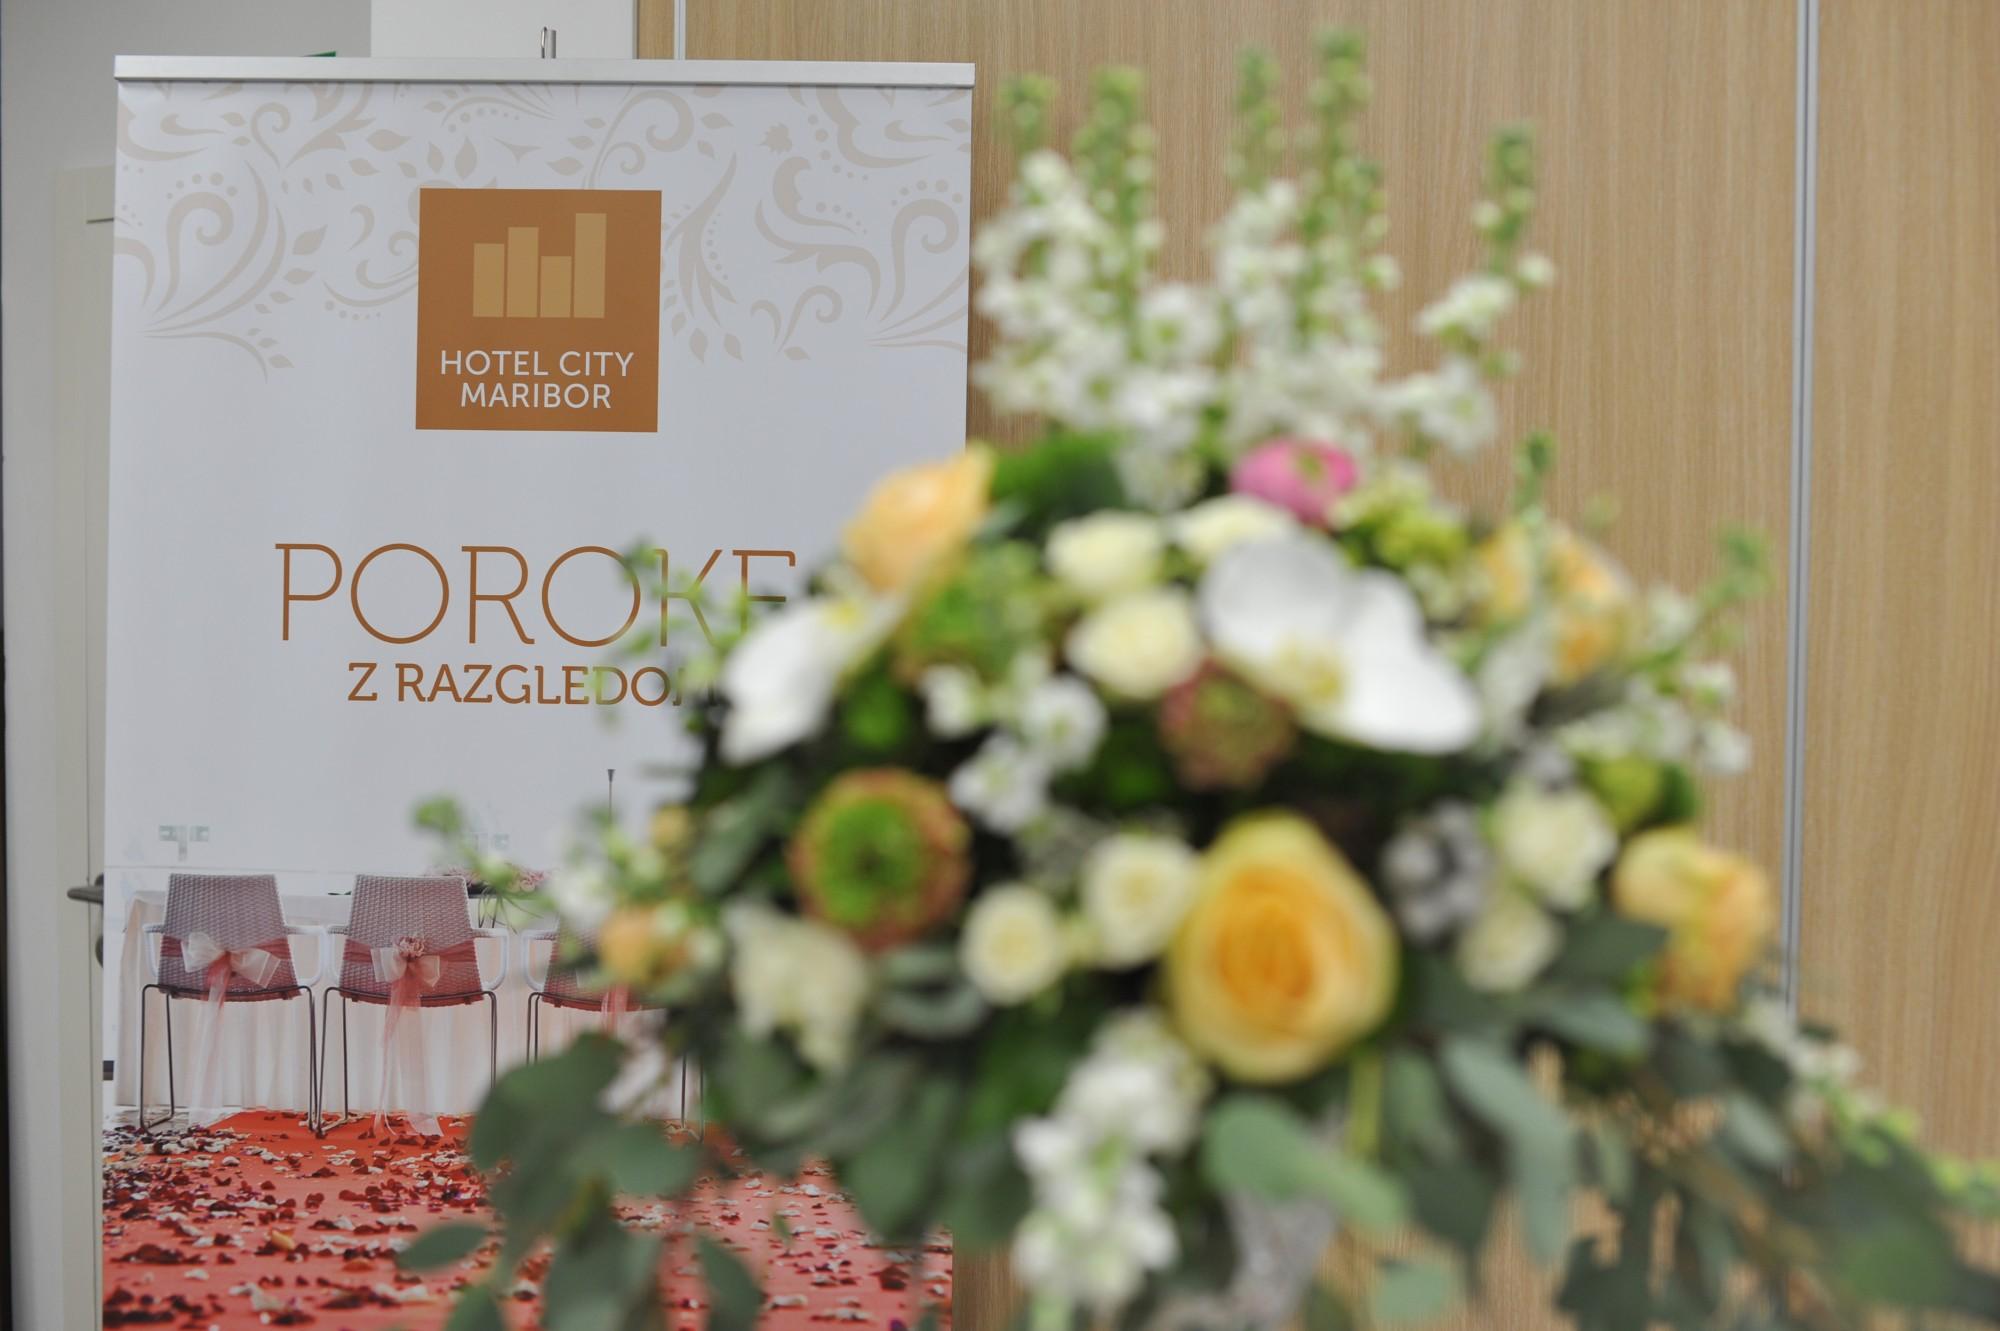 poročni sejem Maribor Hotel City